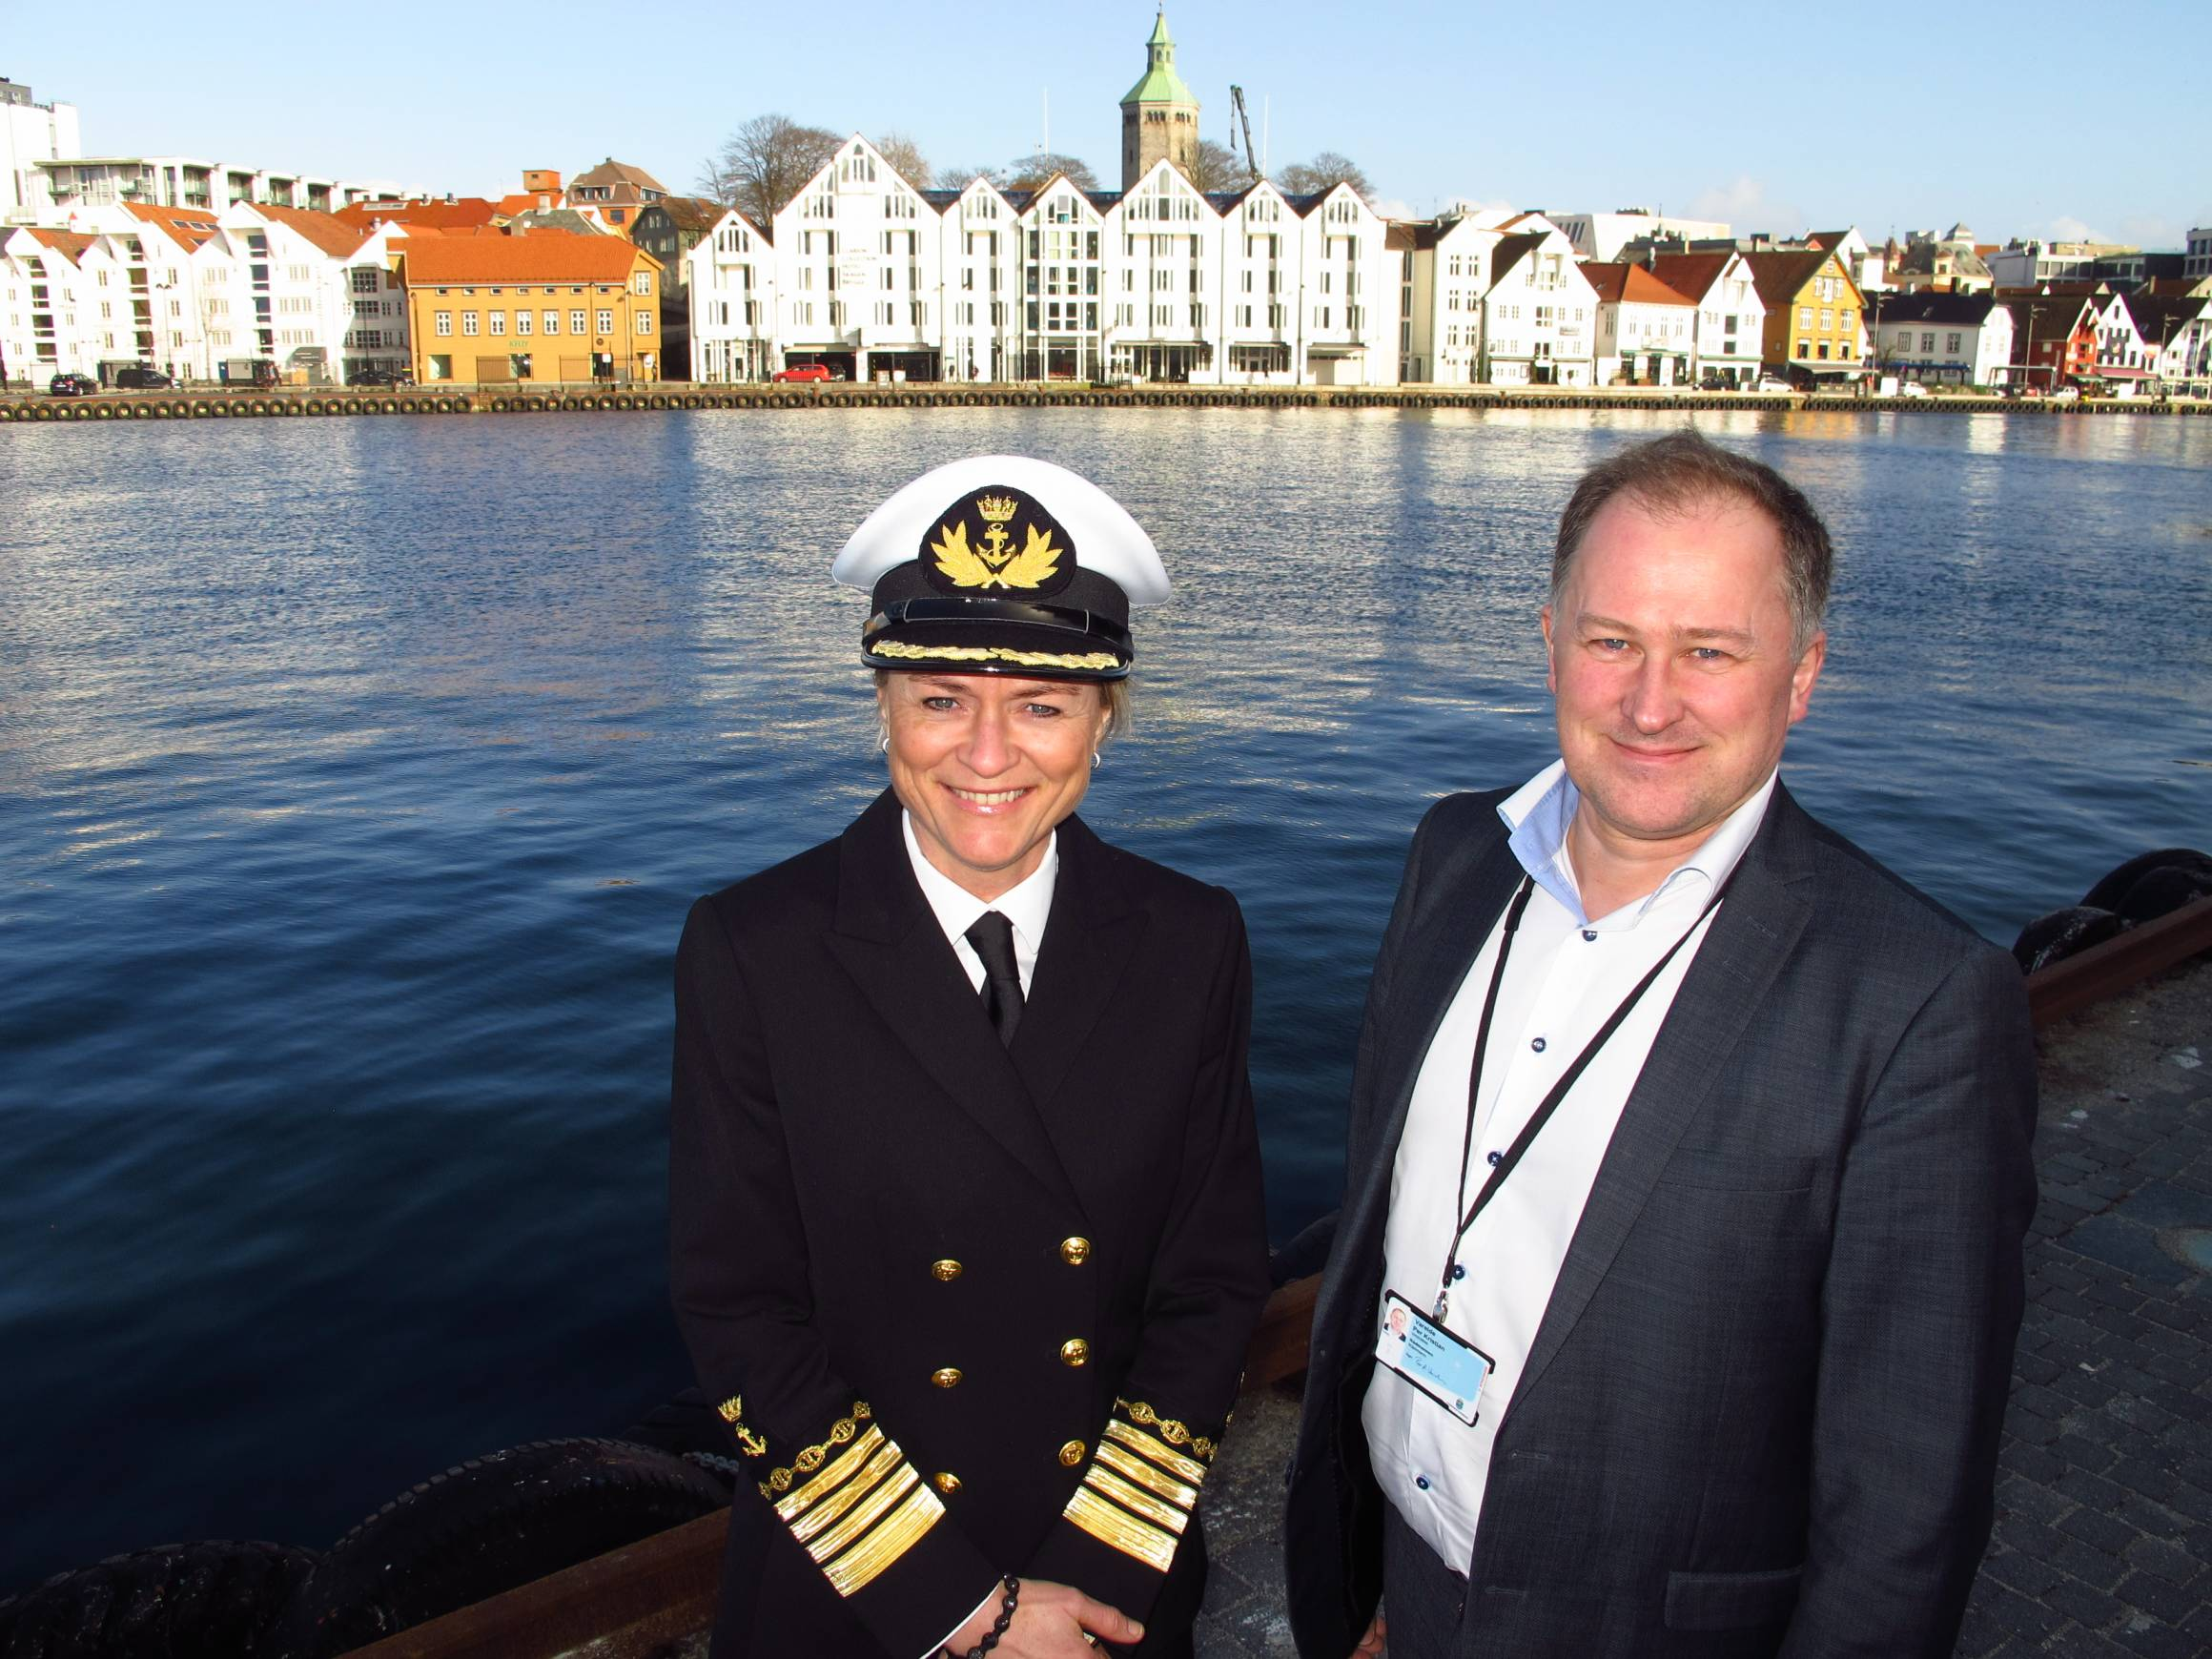 Havnedirektør Merete Eik og Stavangers rådmann Per Kristian Vareide ser fram til å fylle havnen med flotte seilskuter sommeren 2018.